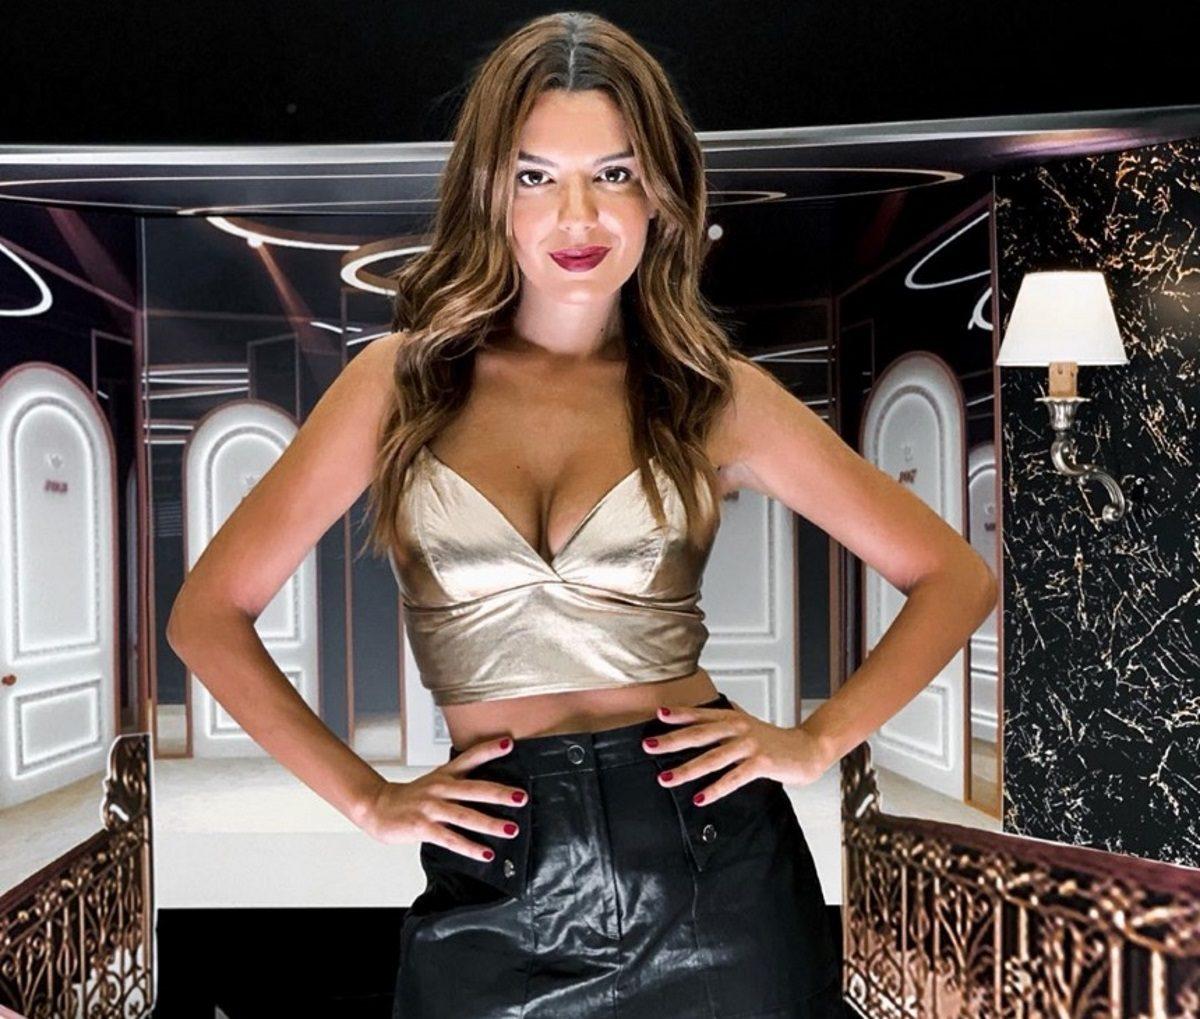 """Νικολέττα Ράλλη: Εμφάνιση """"φωτιά"""" σε fashion show στην Βερόνα! [pics]   tlife.gr"""